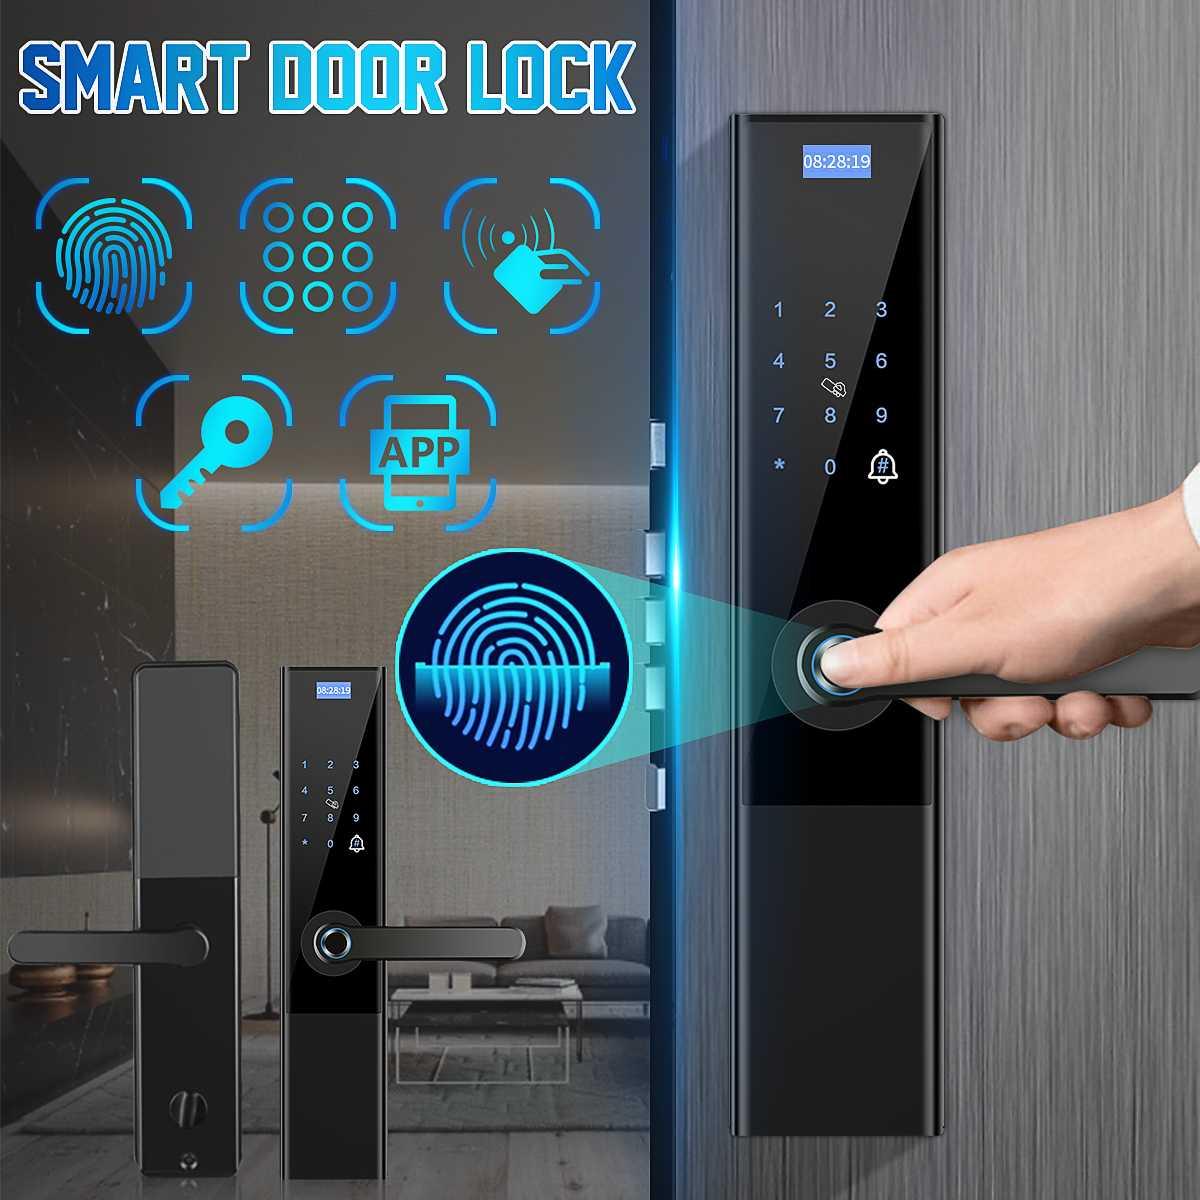 Safurance дверной замок 5 в 1 интеллектуальный замок отпечаток пальца пароль ключ карта приложение электронный умный дверной замок для дома